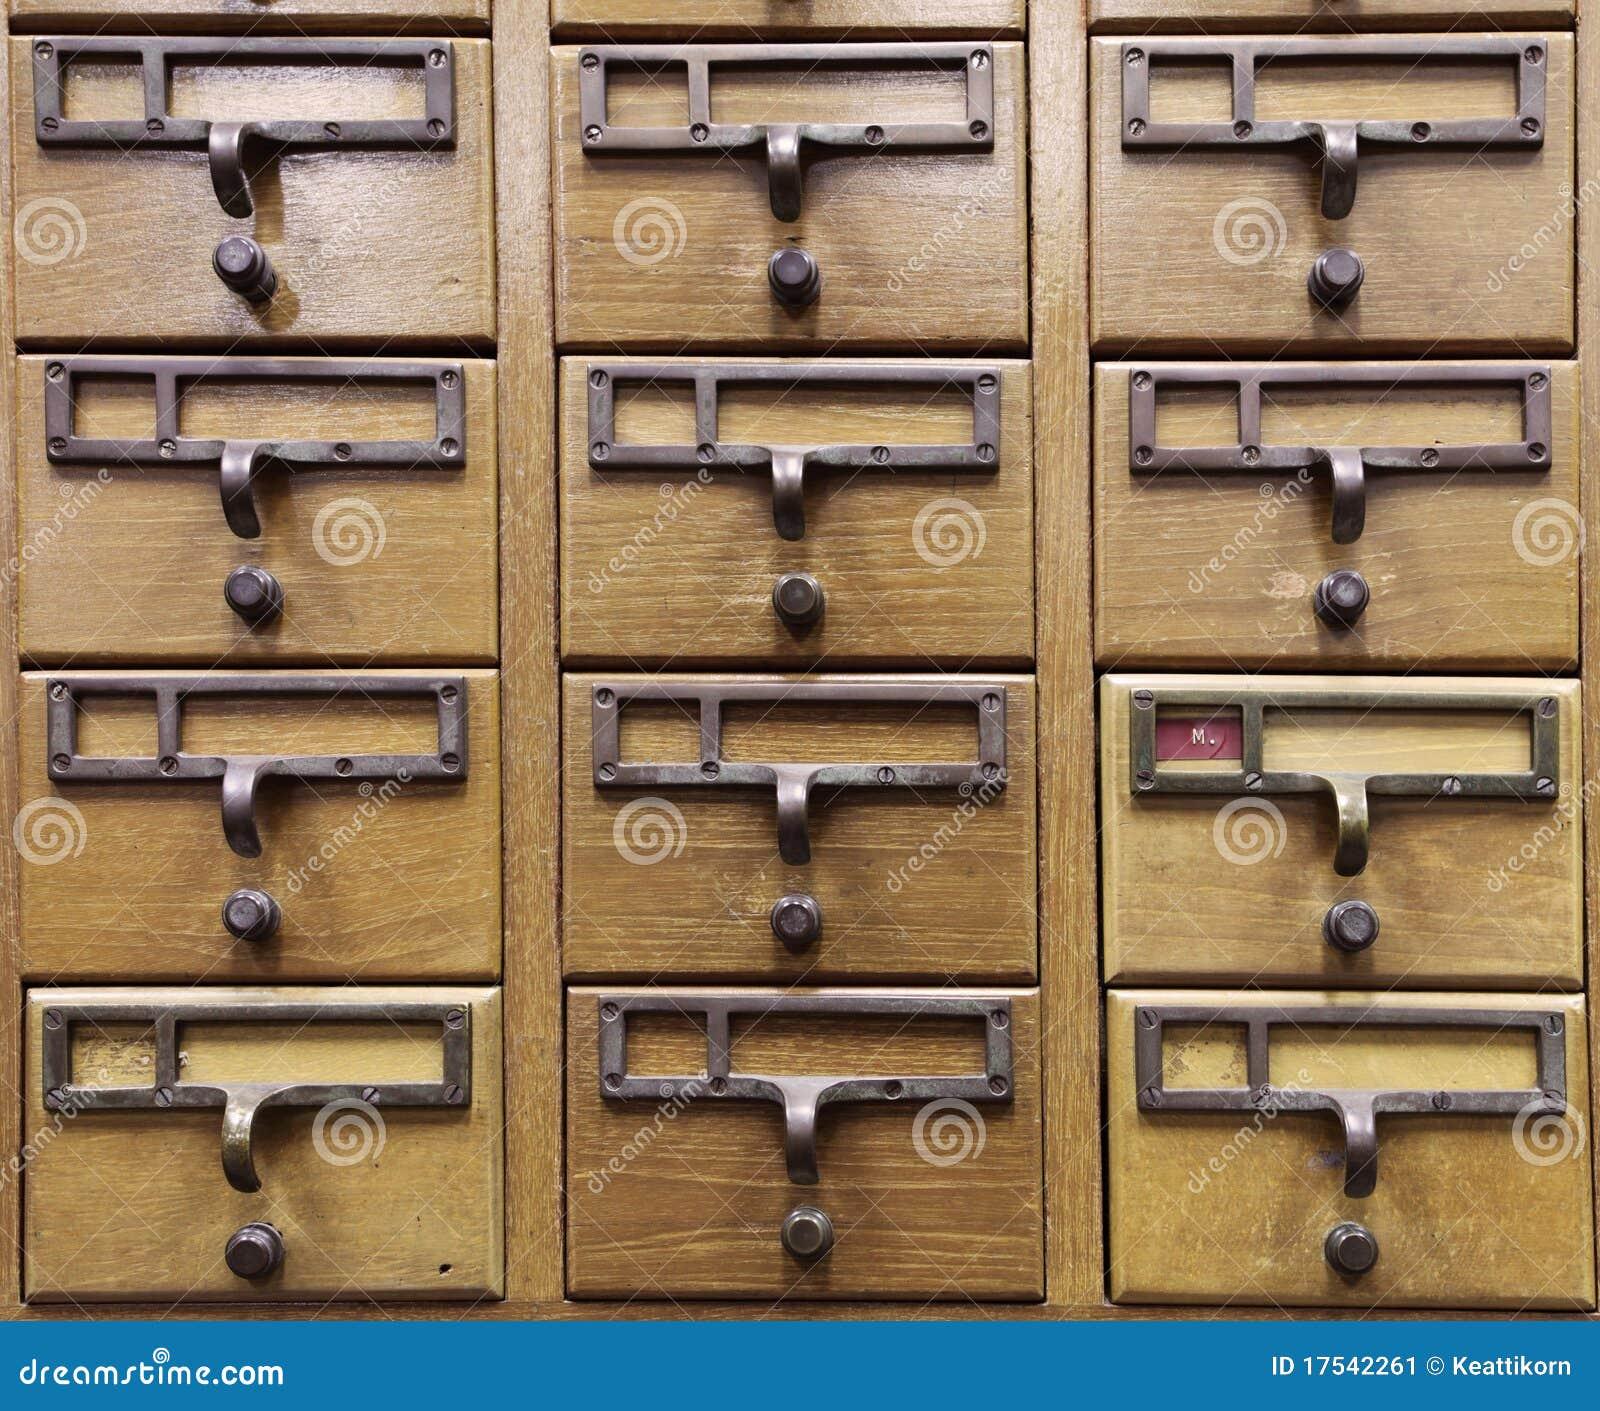 casier en bois de document image stock image du cadre. Black Bedroom Furniture Sets. Home Design Ideas